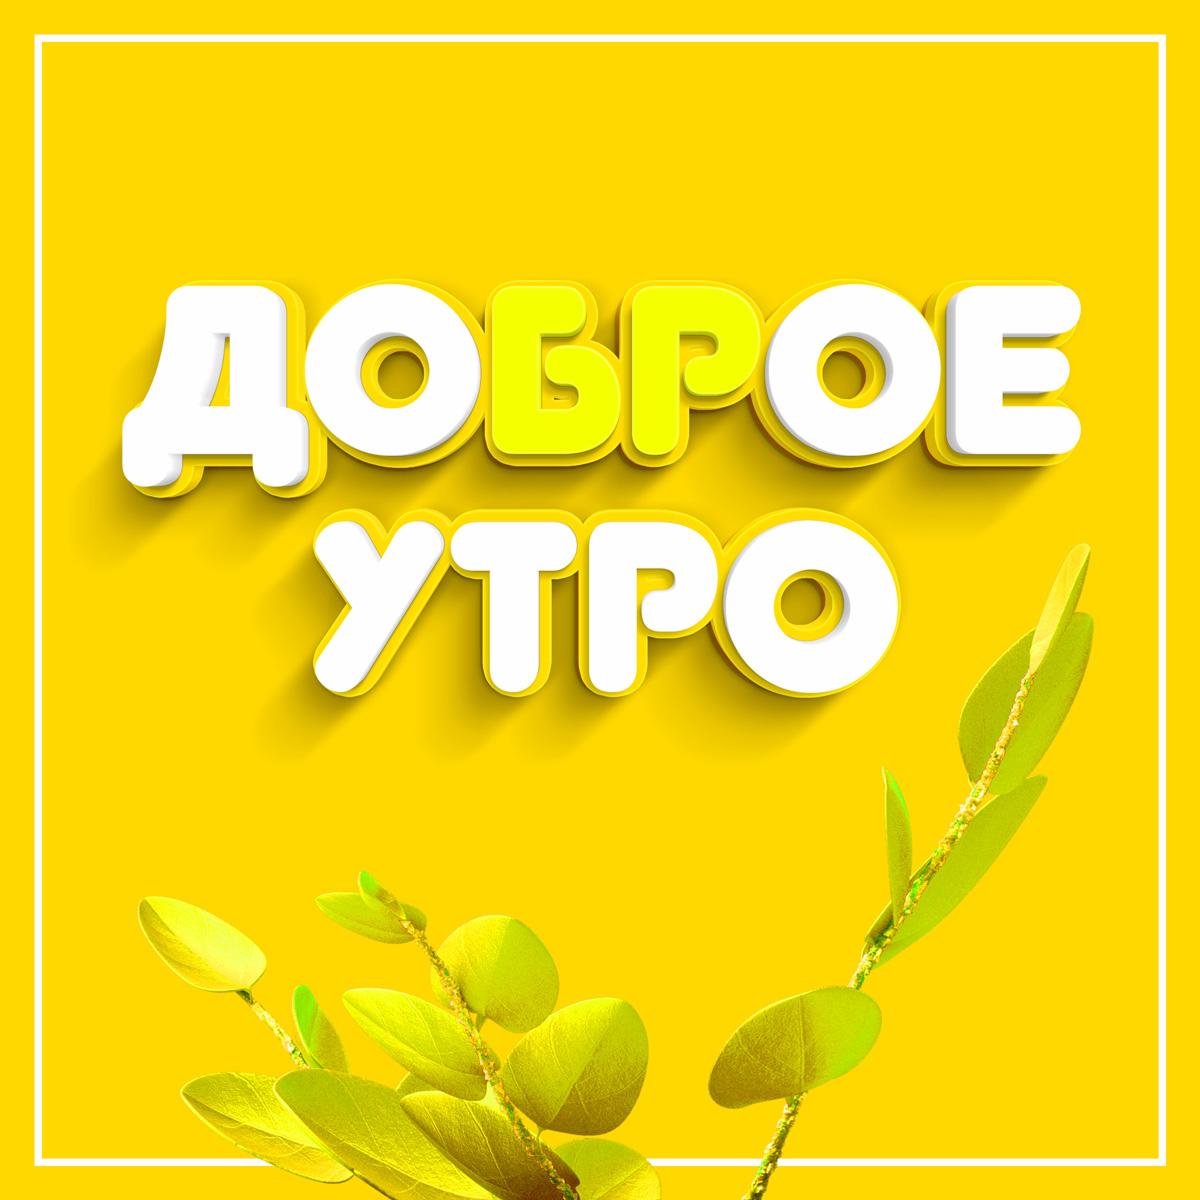 Картинка лето с надписью доброе утро на жёлтом фоне с веткой растения.